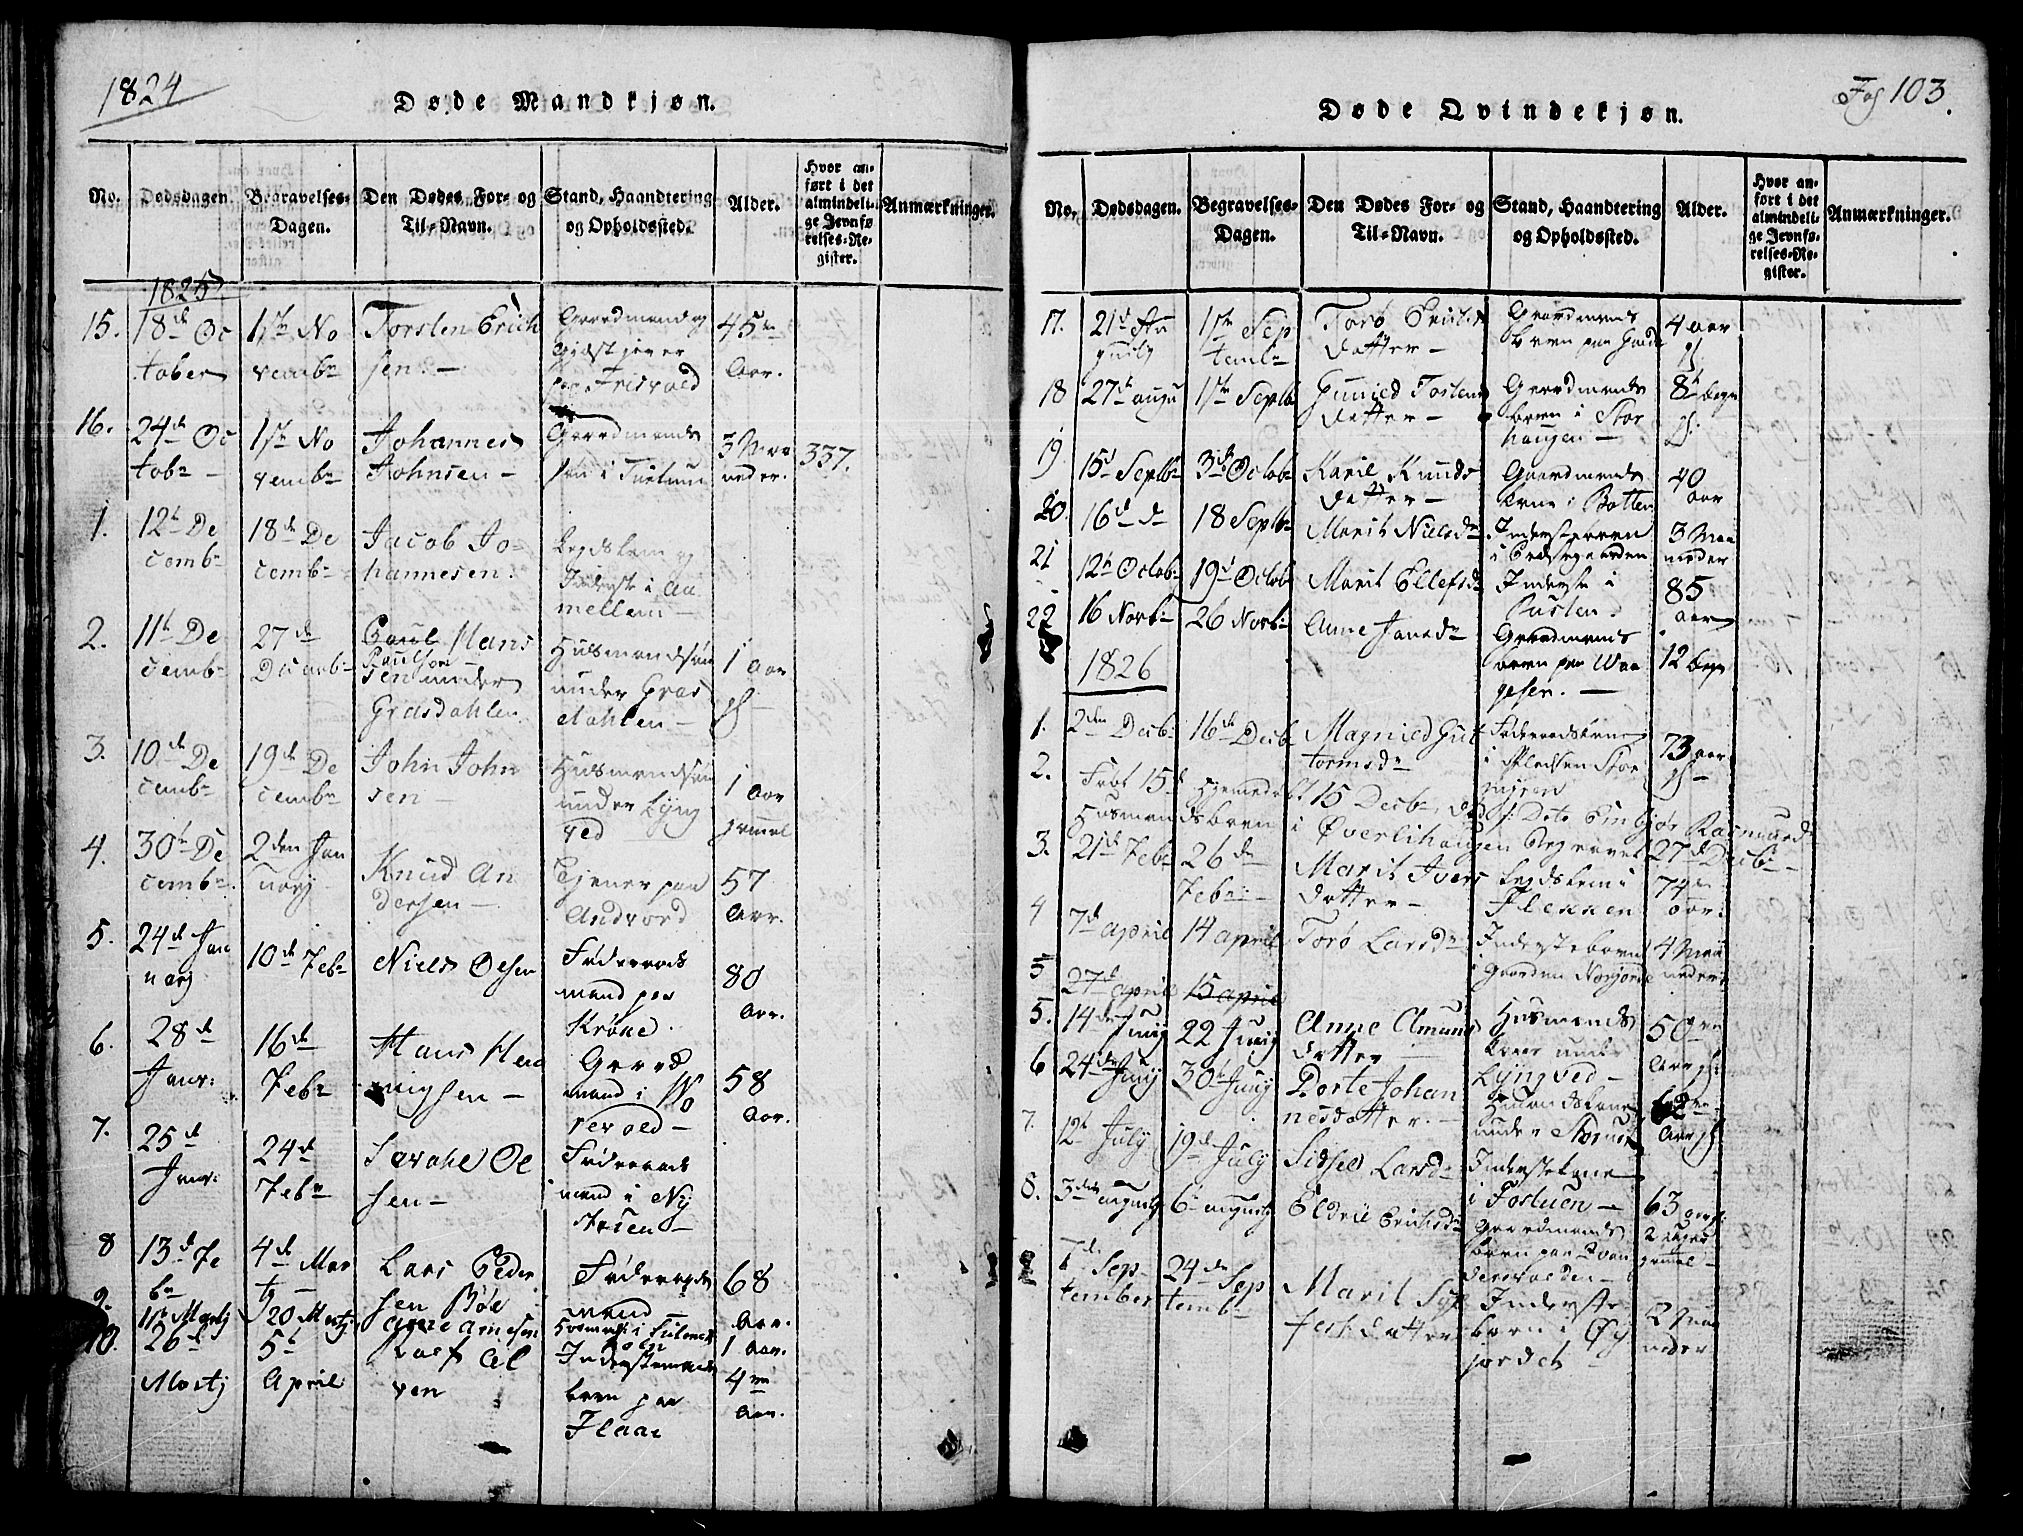 SAH, Lom prestekontor, L/L0001: Klokkerbok nr. 1, 1815-1836, s. 103